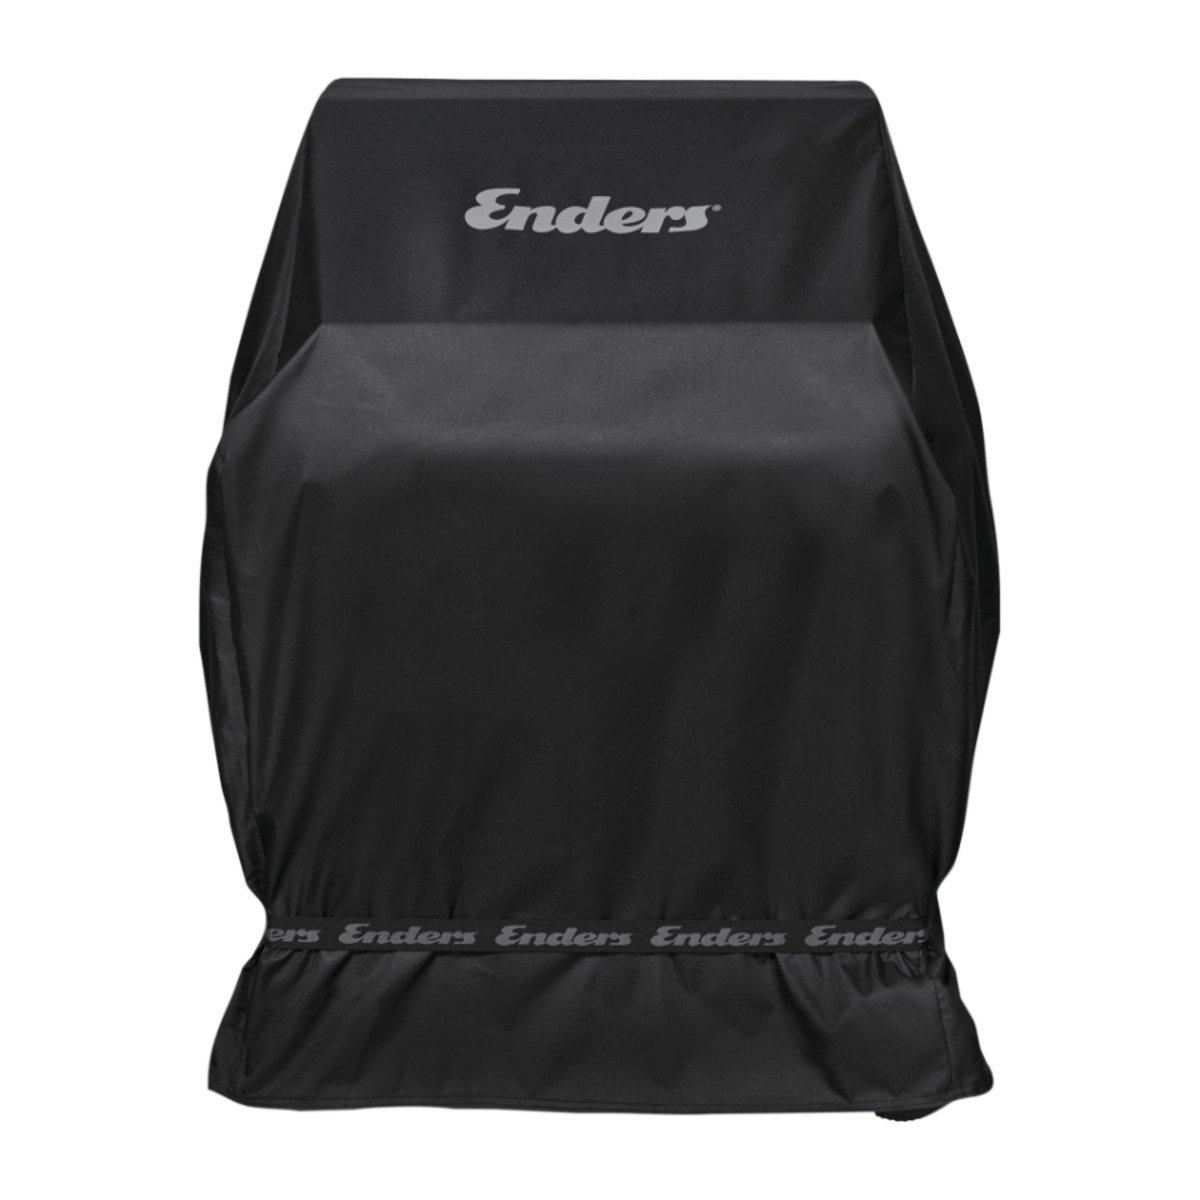 Bild 5 von ENDERS     Holzkohle-Grillwagen Mason XL